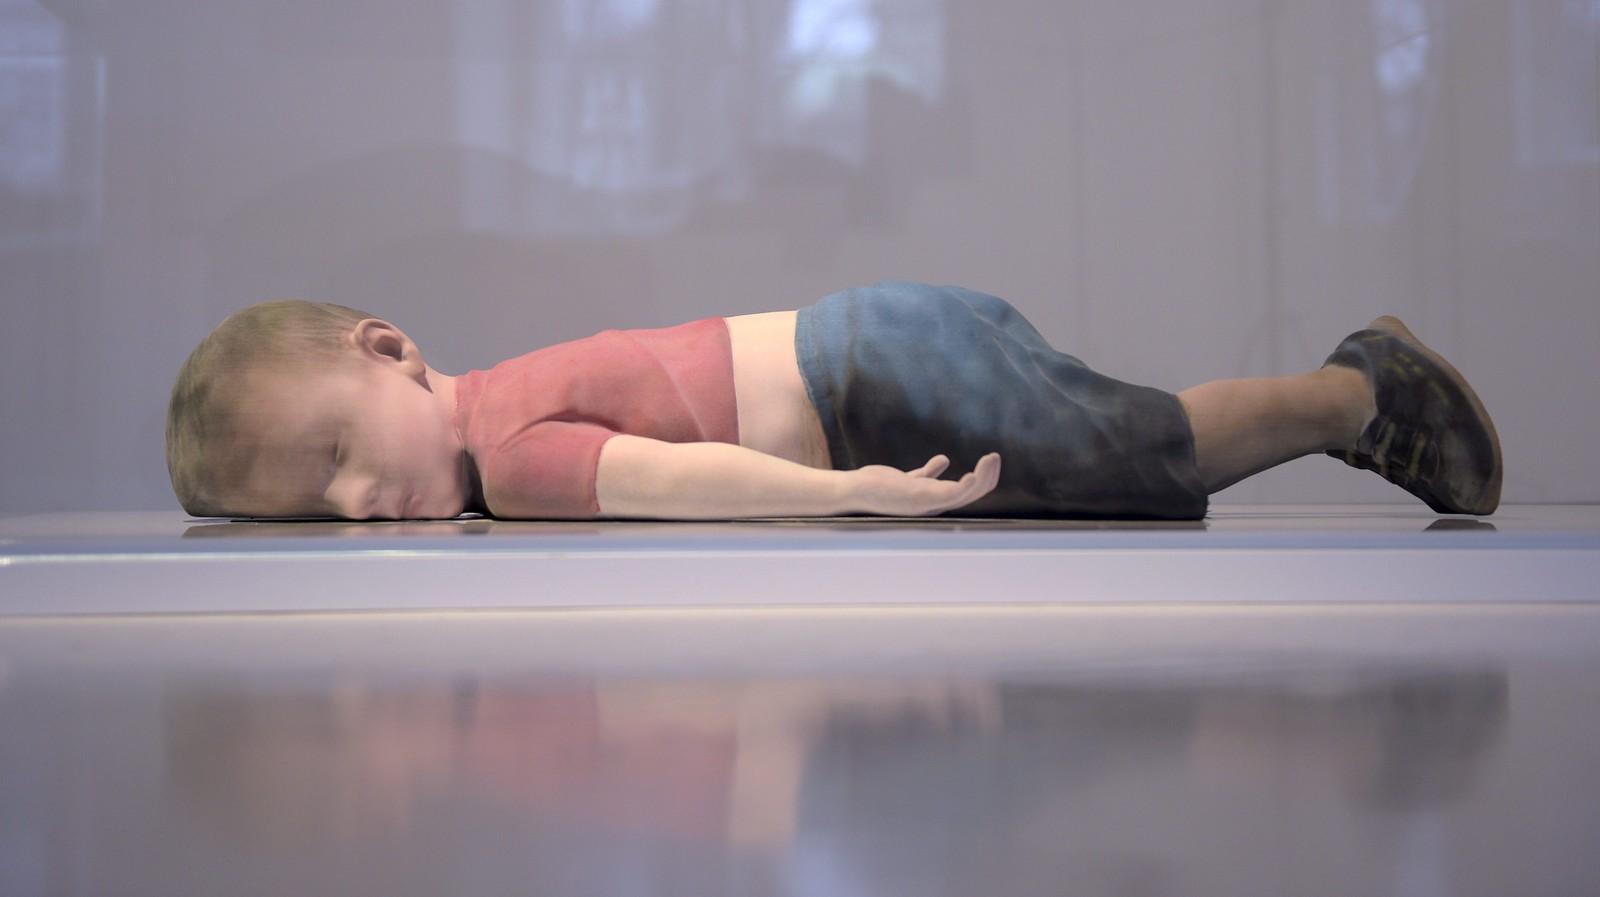 Skulpturen av den syriske gutten Alan Kurdi (3), laget av den finske artisten Pekka Jylha, utstilt på et galleri i Helsinki. Alan druknet på den farlige reisen mellom Tyrkia og Hellas. Han ble funnet død på en strand i Tyrkia, og bildet av den døde gutten gikk verden rundt og ble et symbol på flyktningkrisen.